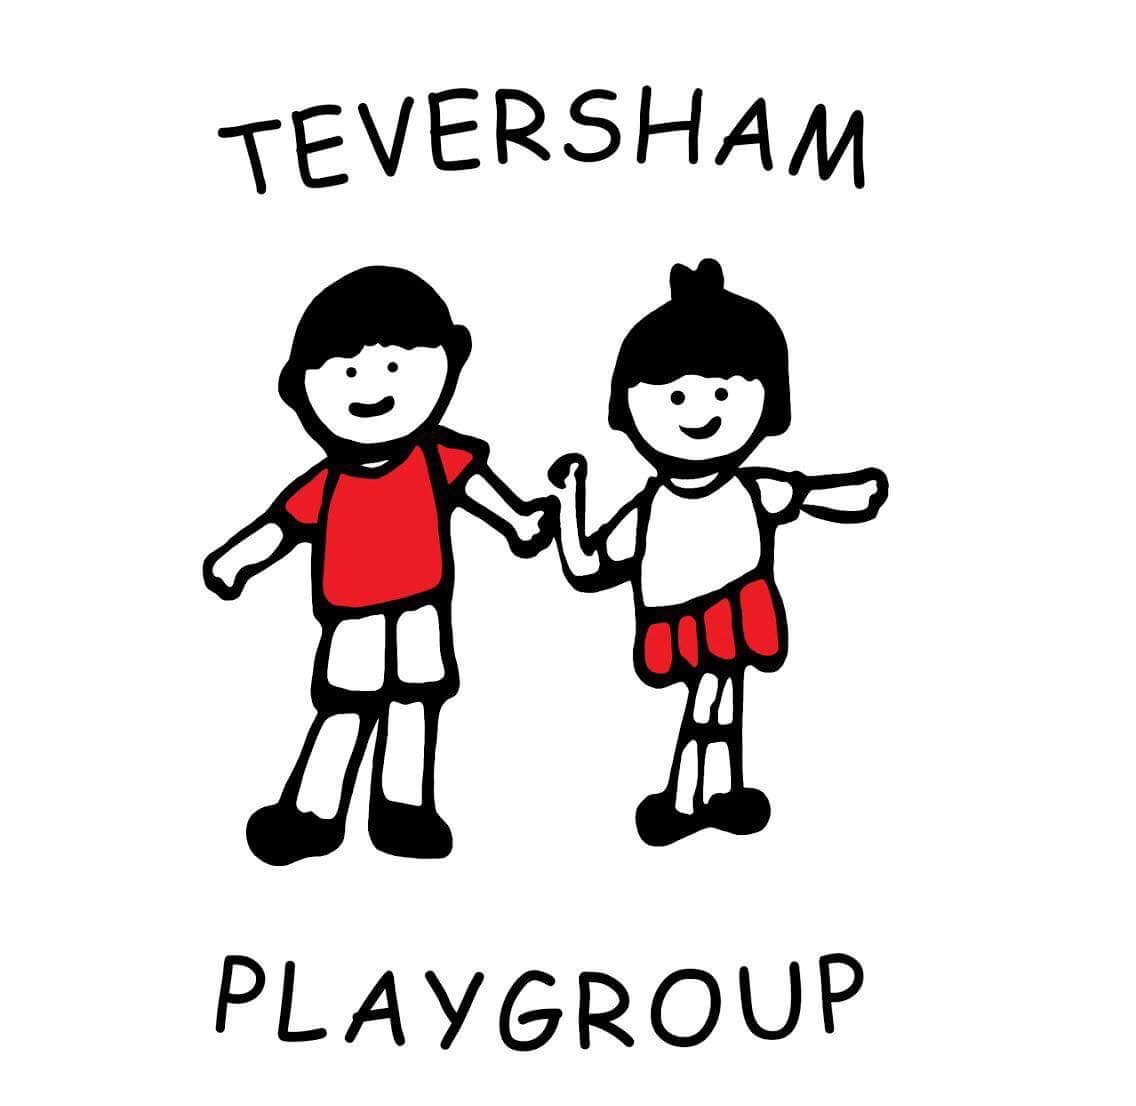 Teversham Playgroup Registered Charity No 1032290